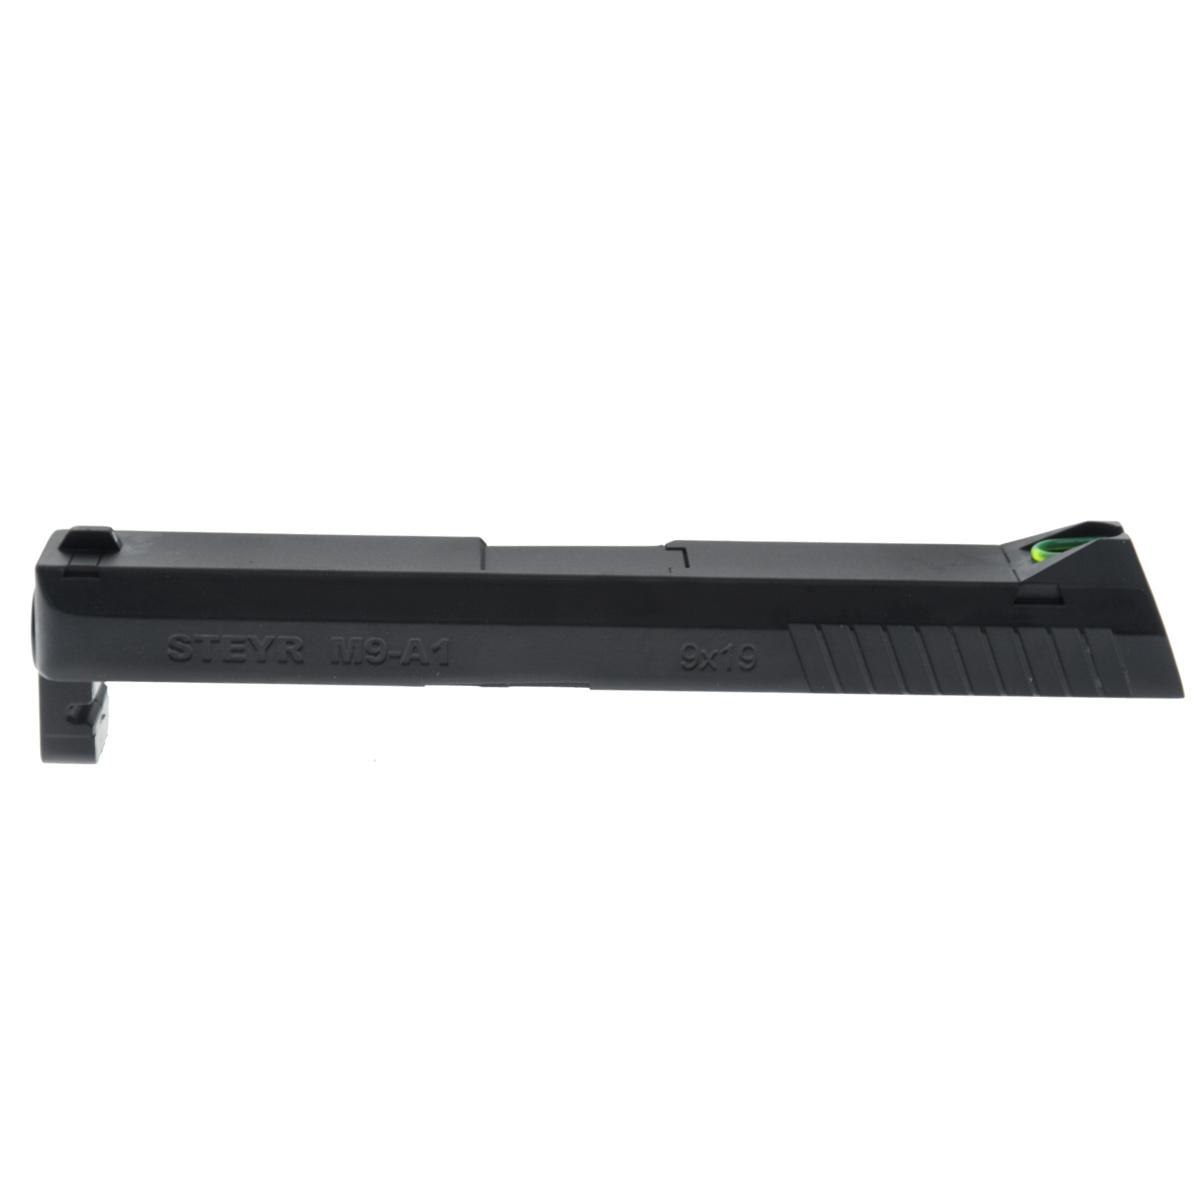 Верхняя крышка для ASG Steyr M9-A1, цвет: Black (16562) asg dan wesson 6 мм ускоритель заряжания 16186